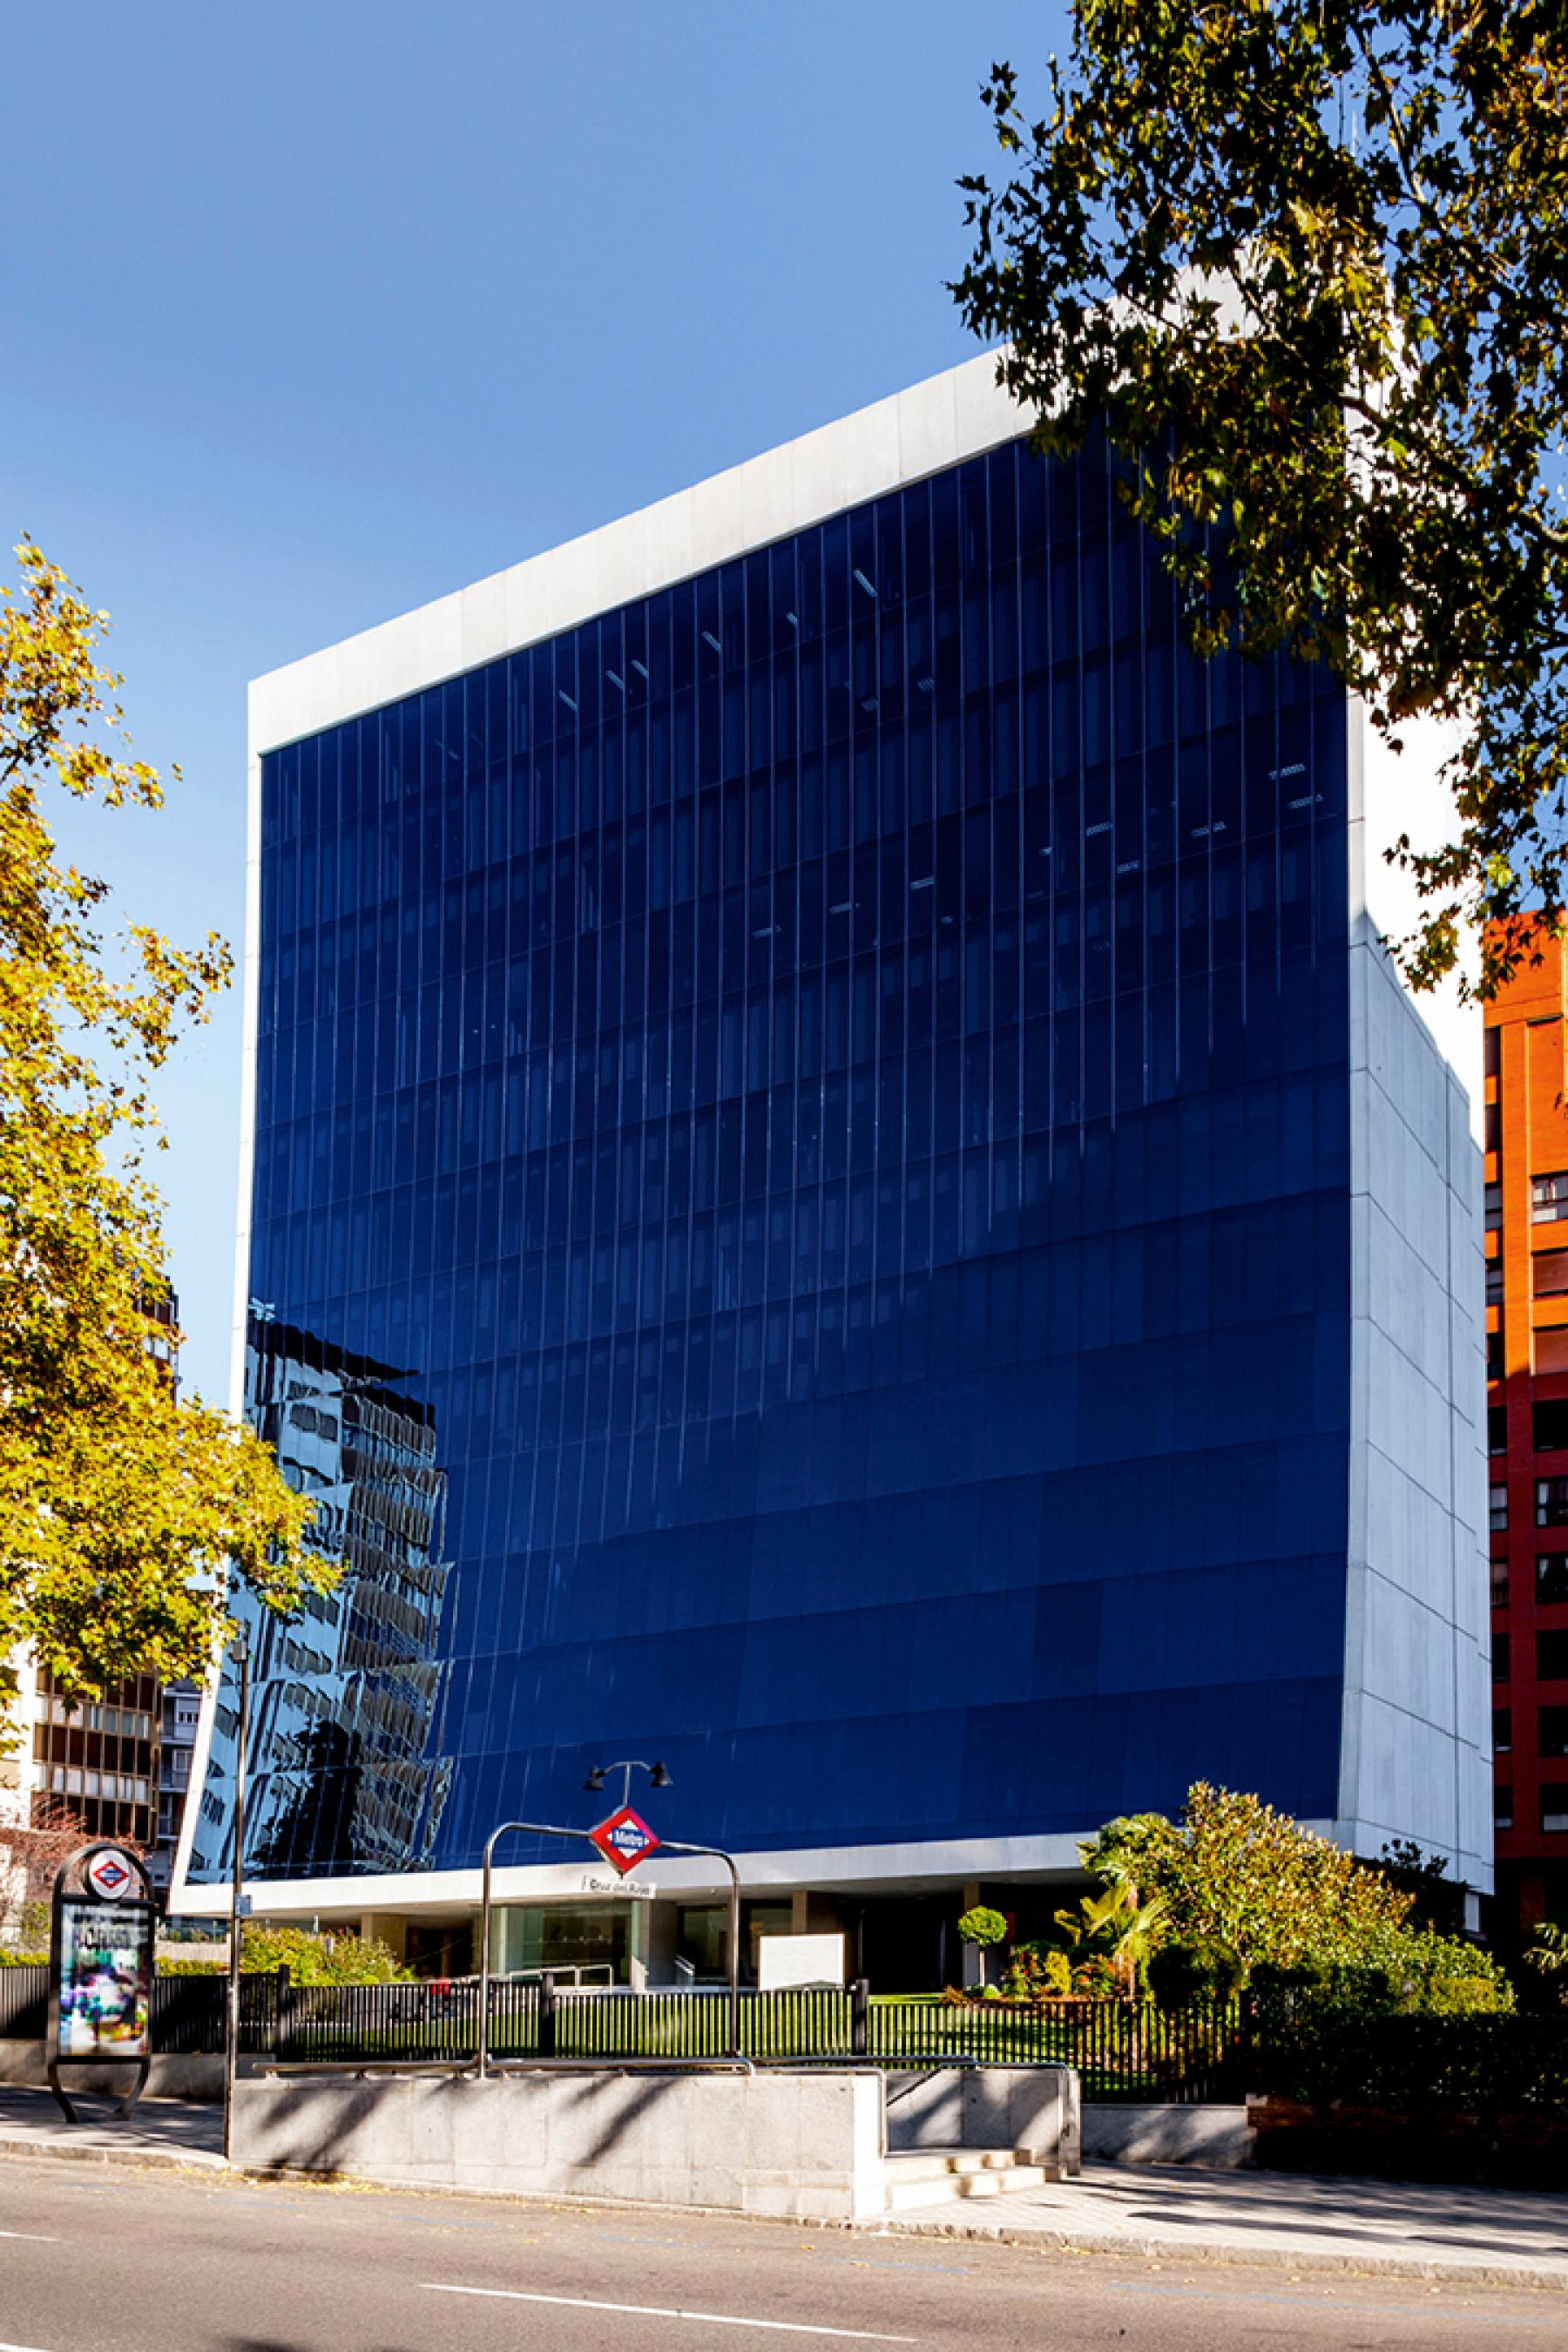 Alquilar oficinas Paseo de la Castellana 141, Madrid (3)